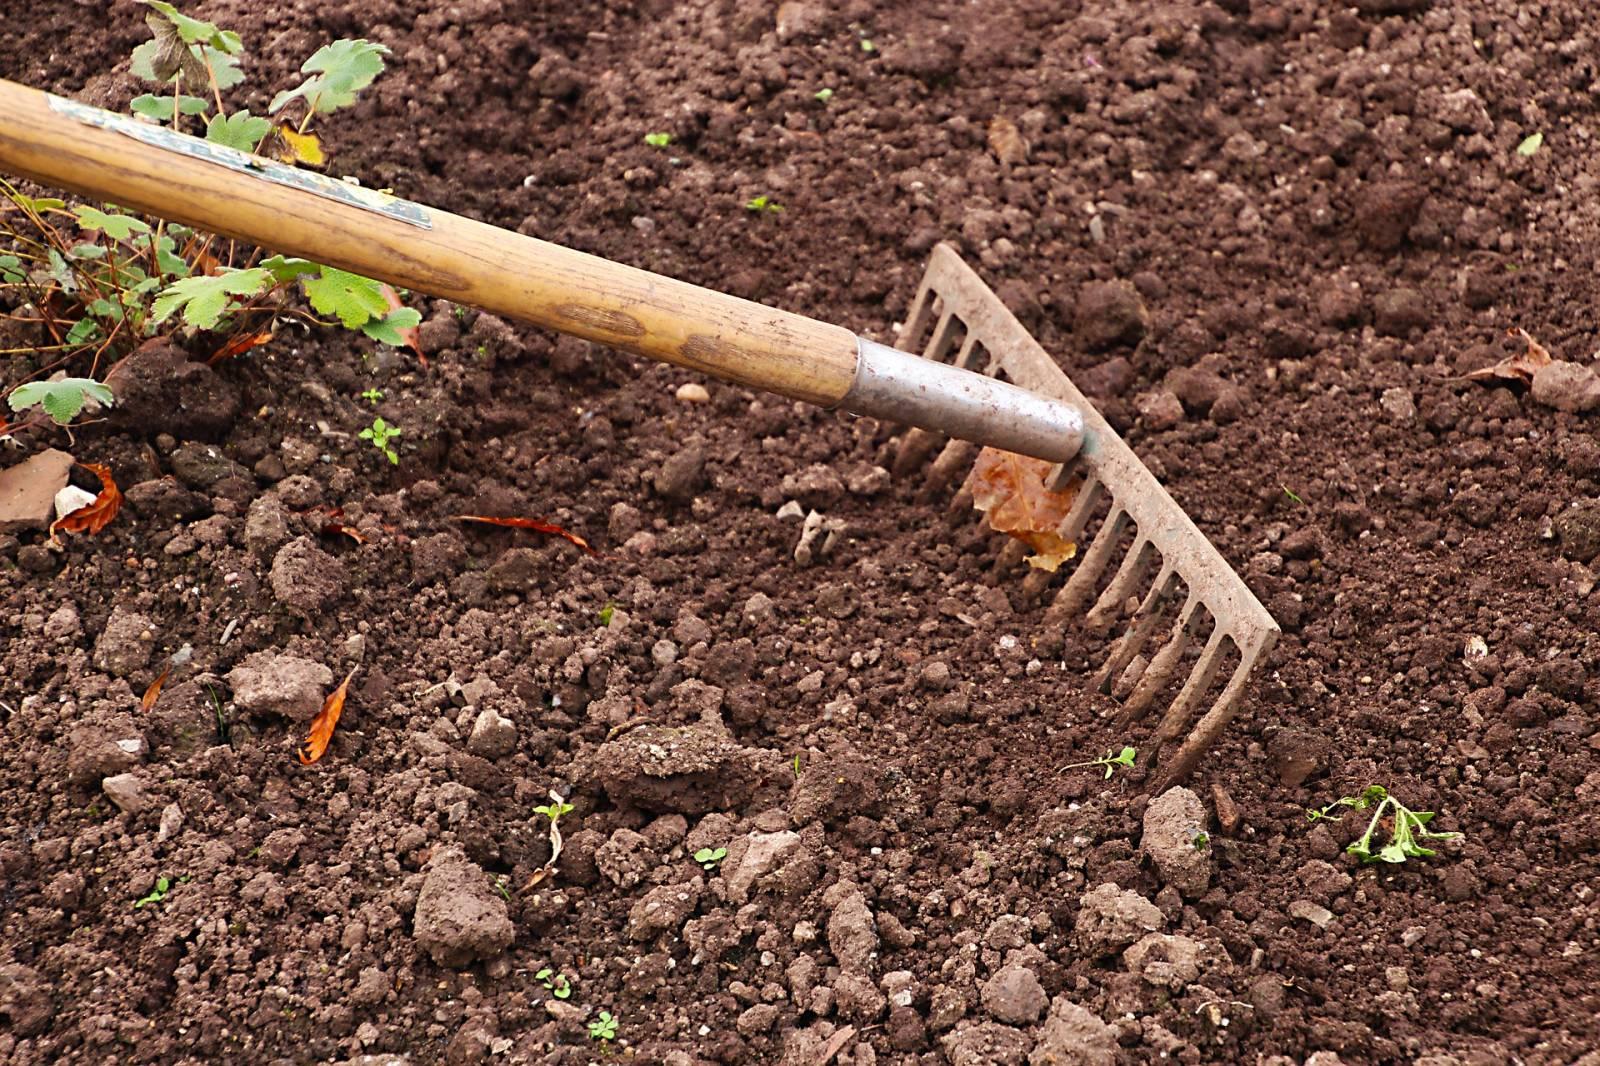 Jardinerie Animalerie Magasin De Jardinage Outils Vente D